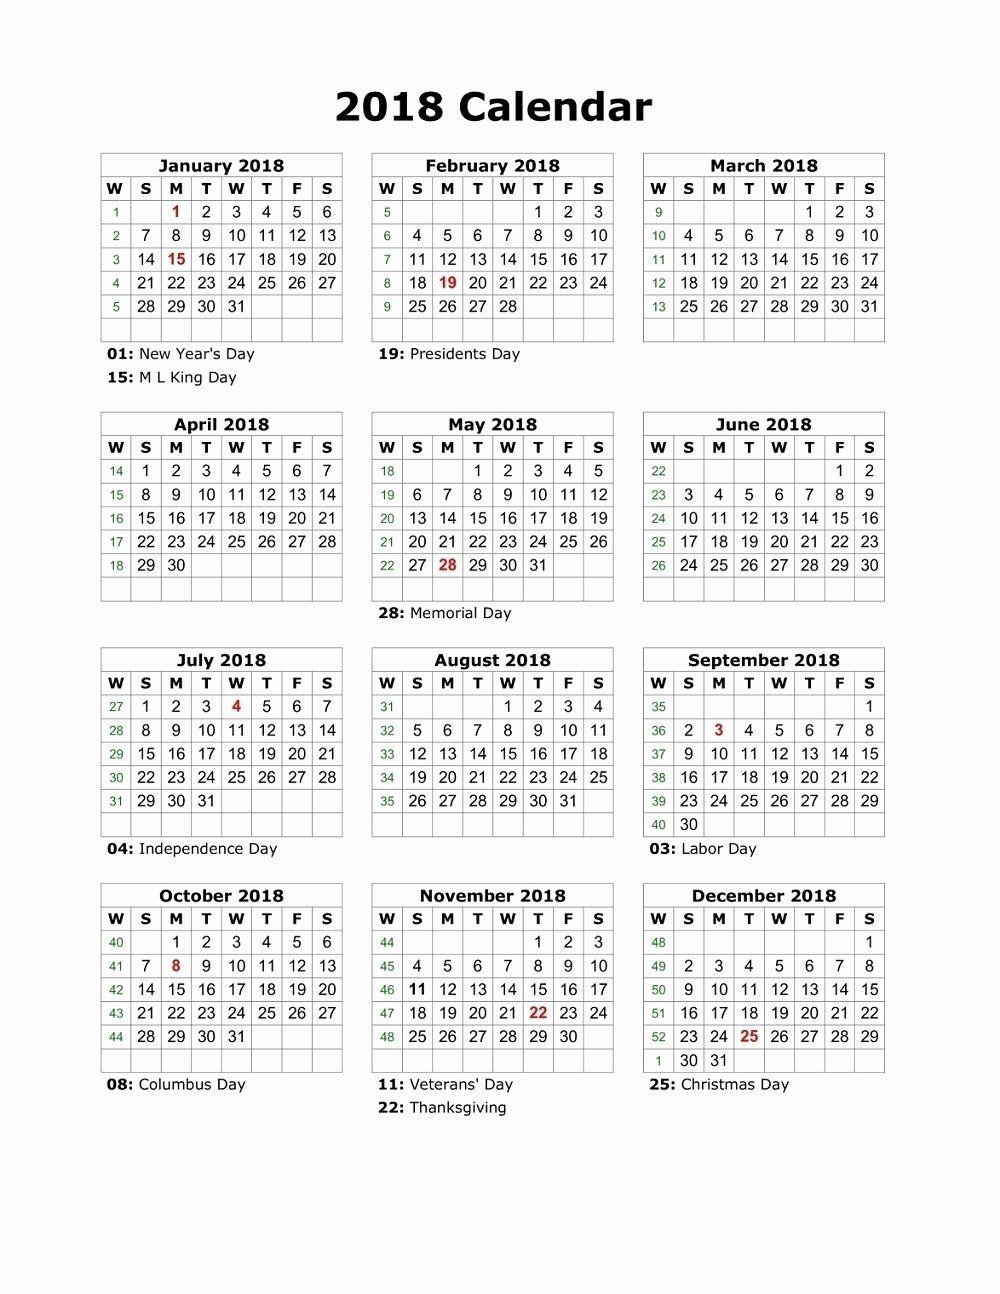 2021 Calendar Template Calendarlabs Photos